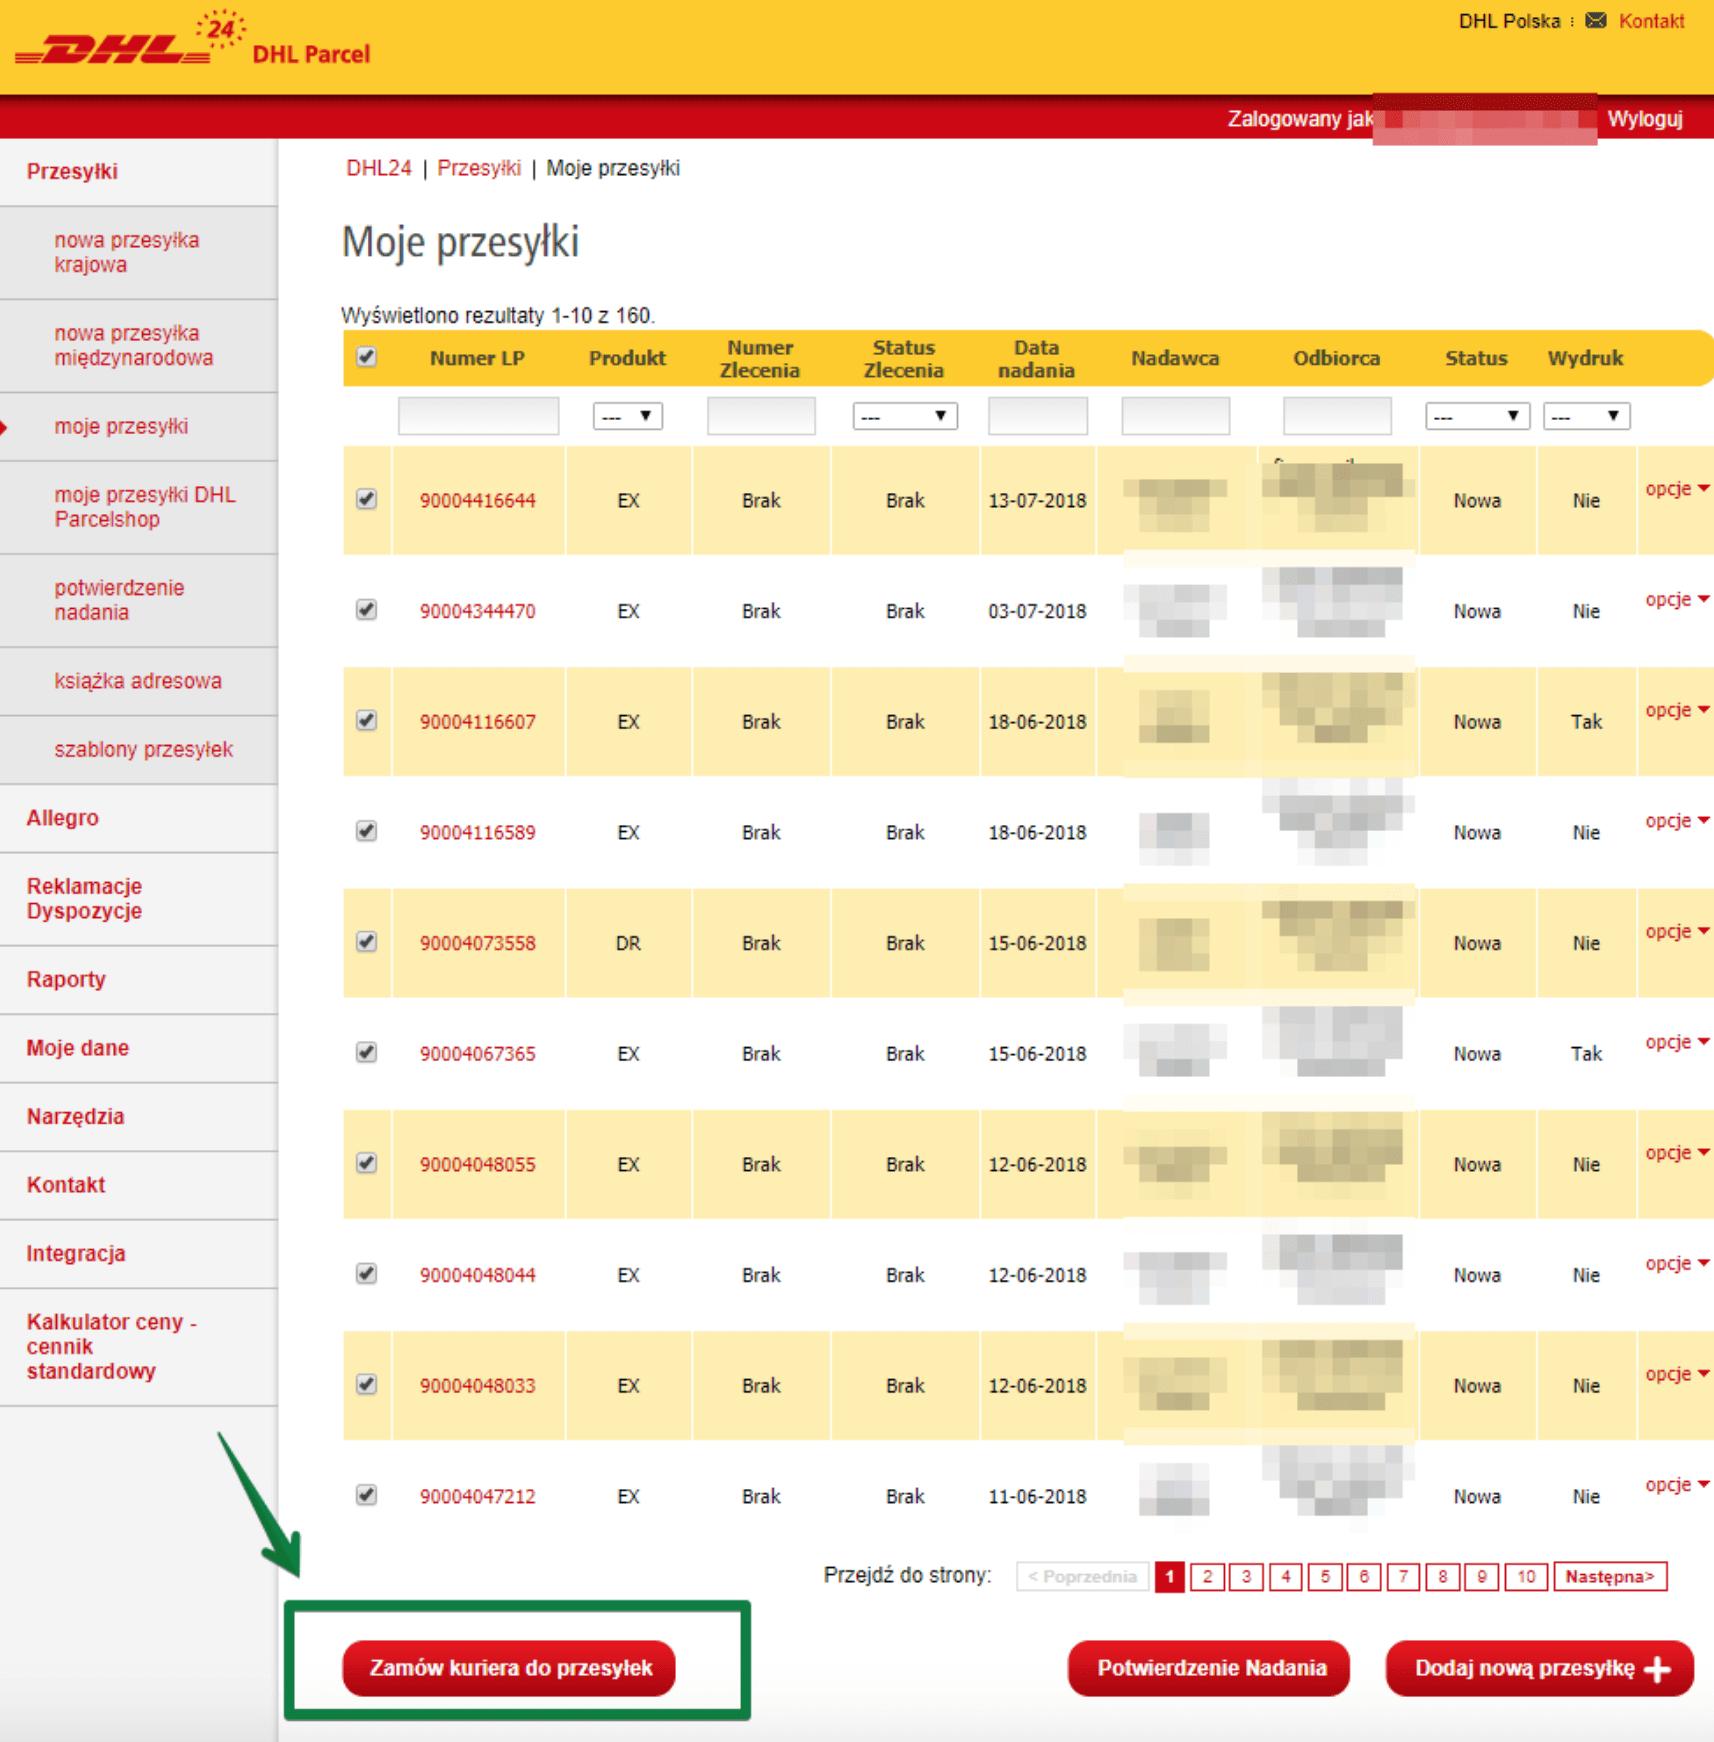 DHL WooCommerce - Zlecenie odbioru przesyłek przez kuriera